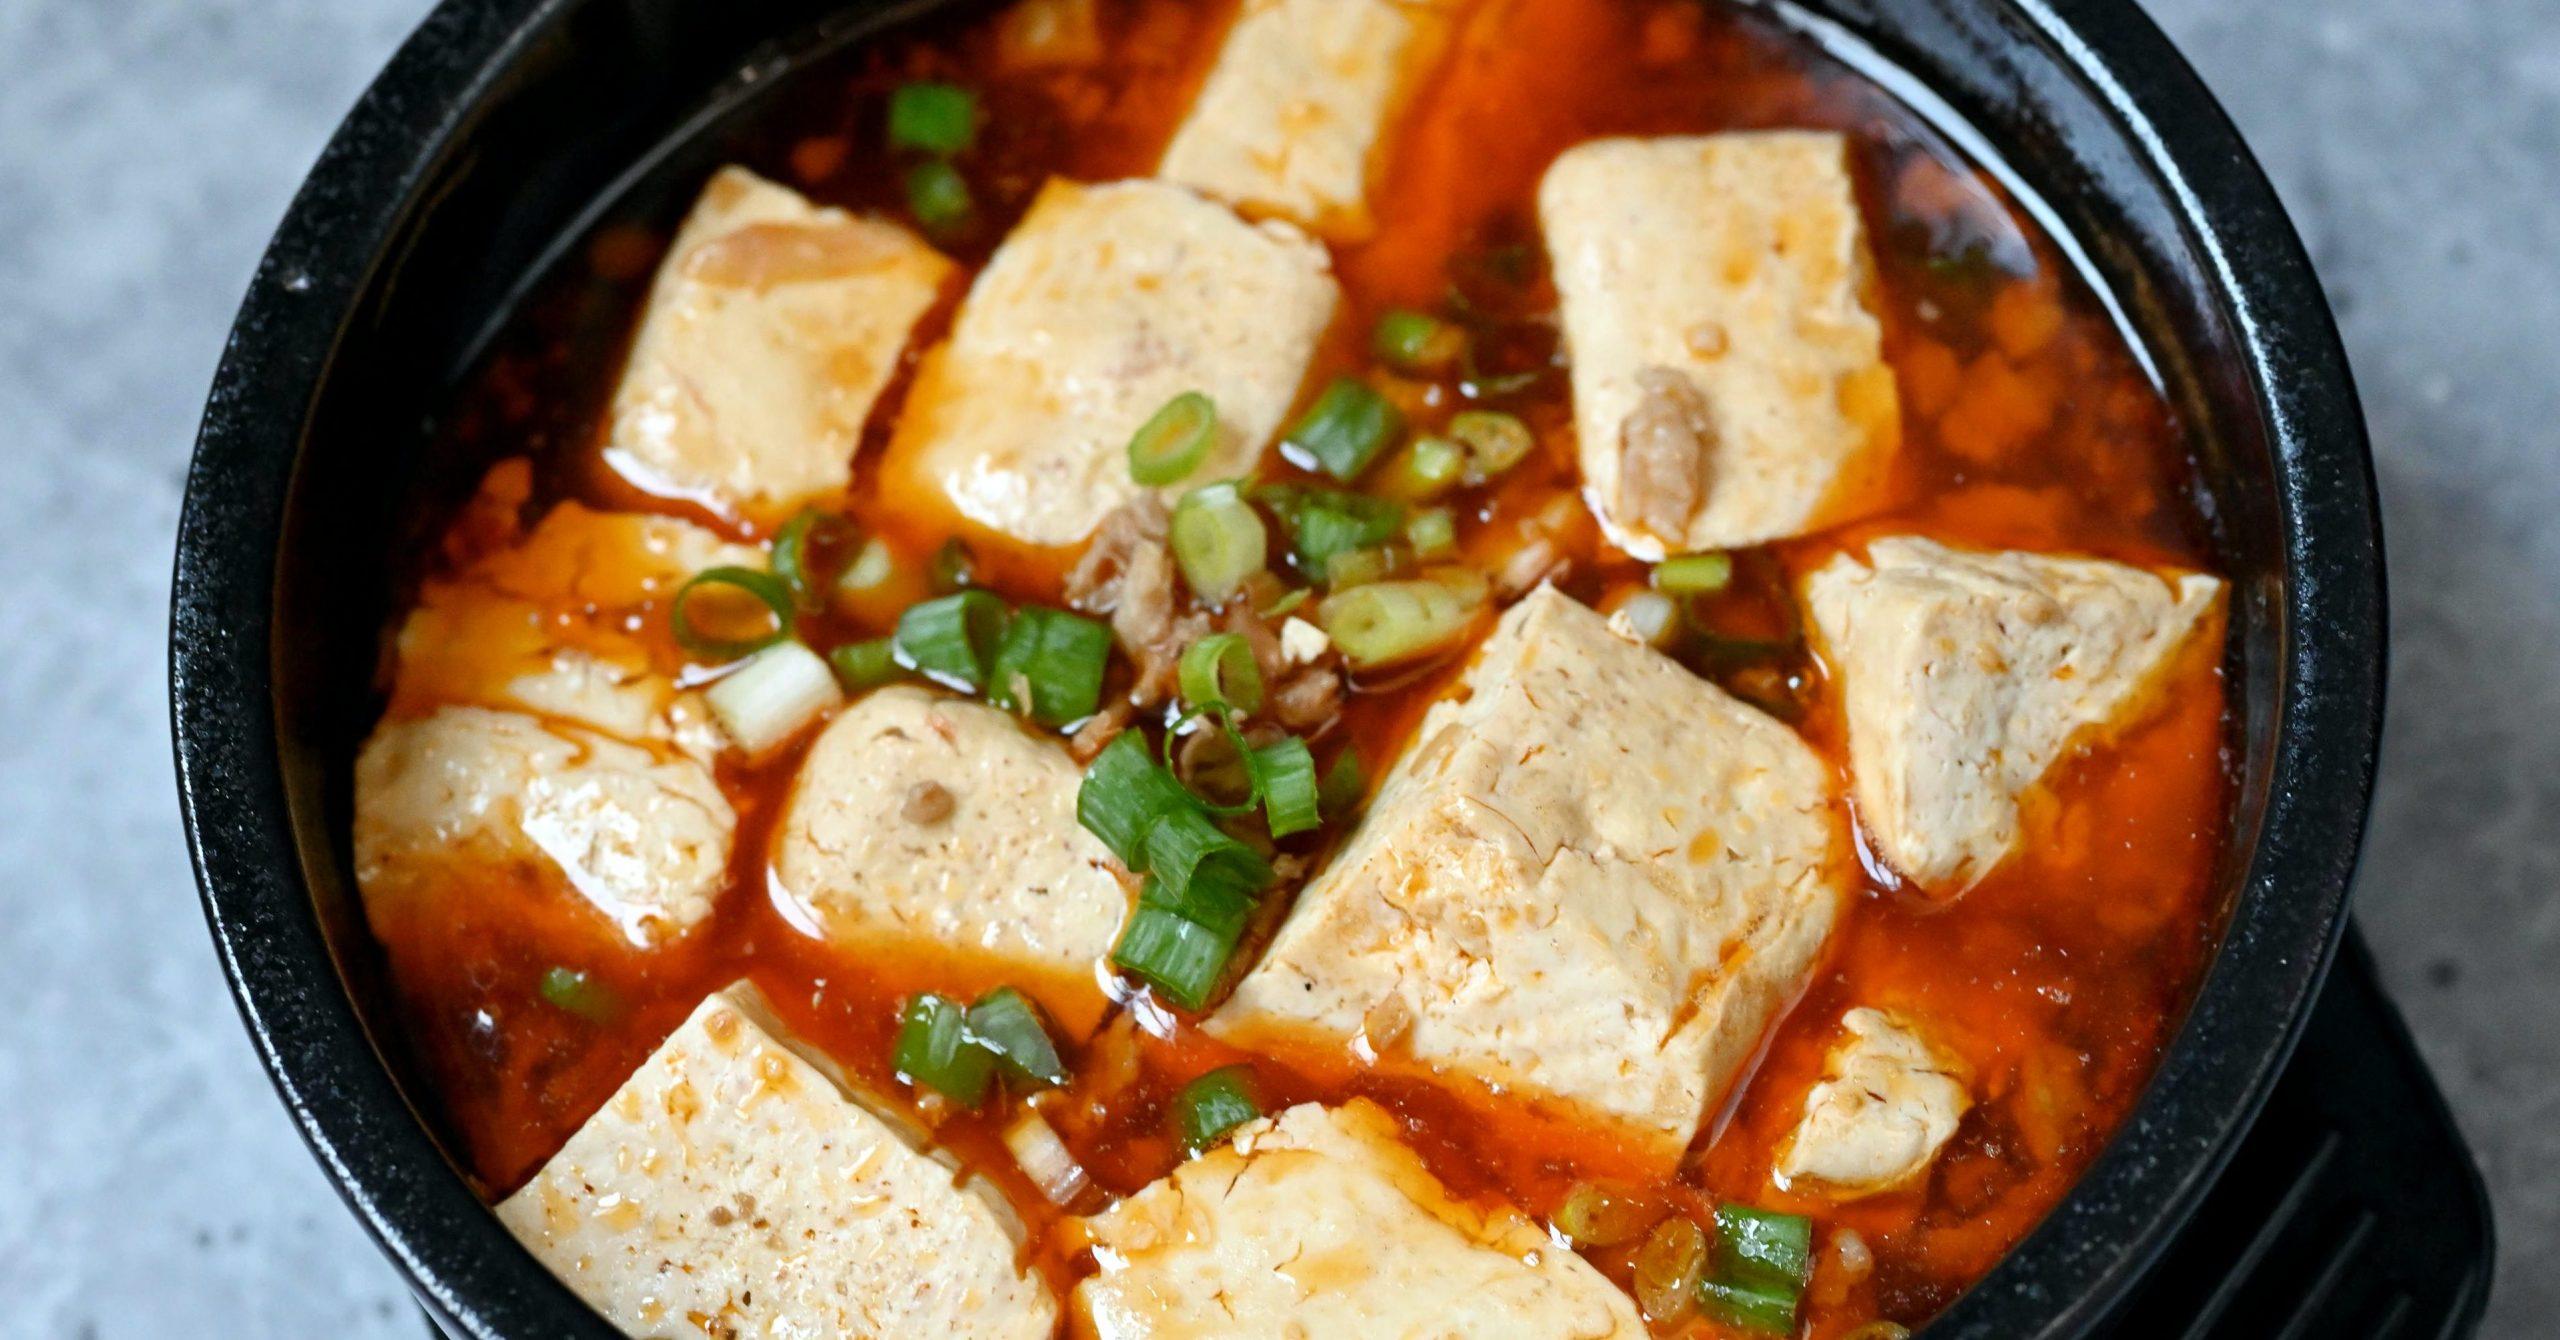 即時熱門文章:【新竹美食】長興釣蝦場,長興麻辣臭豆腐真的太厲害 (菜單)